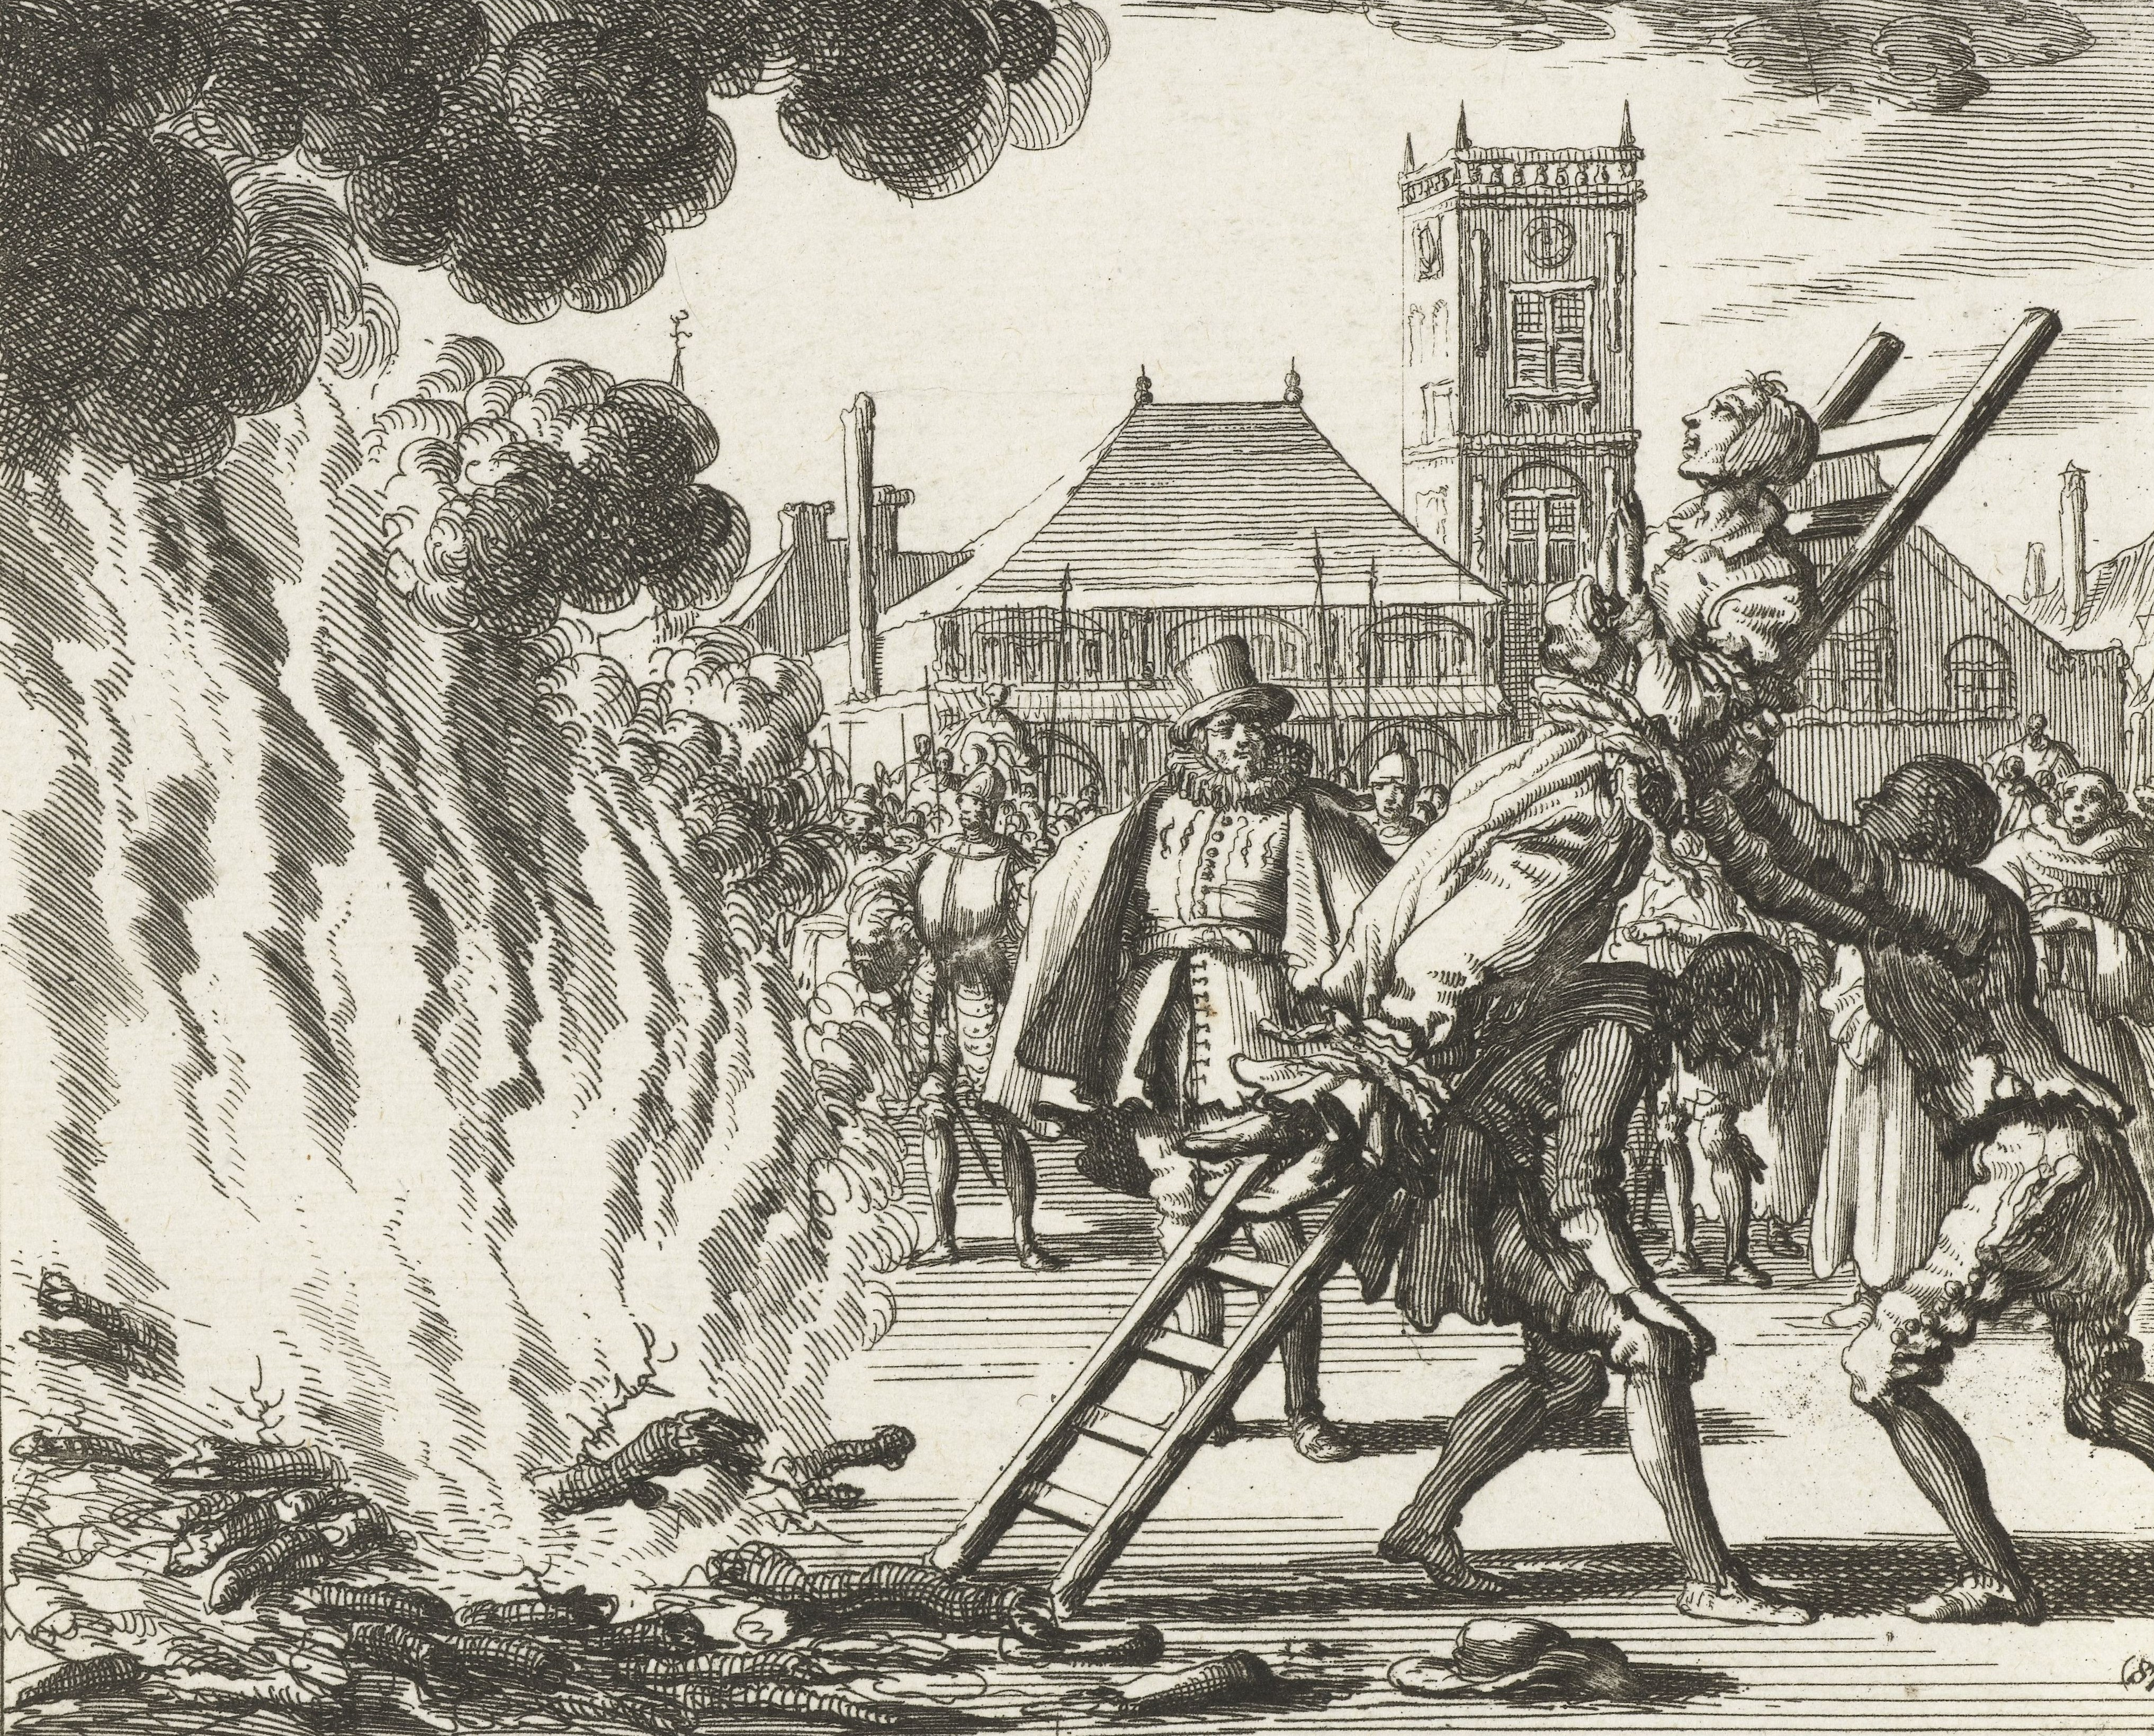 Niet alleen heksen waren tot het vuur verdoemd, ook protestantse ketters werden verbrand. De afbeelding geeft duidelijk weer hoe de straf werd uitgevoerd.